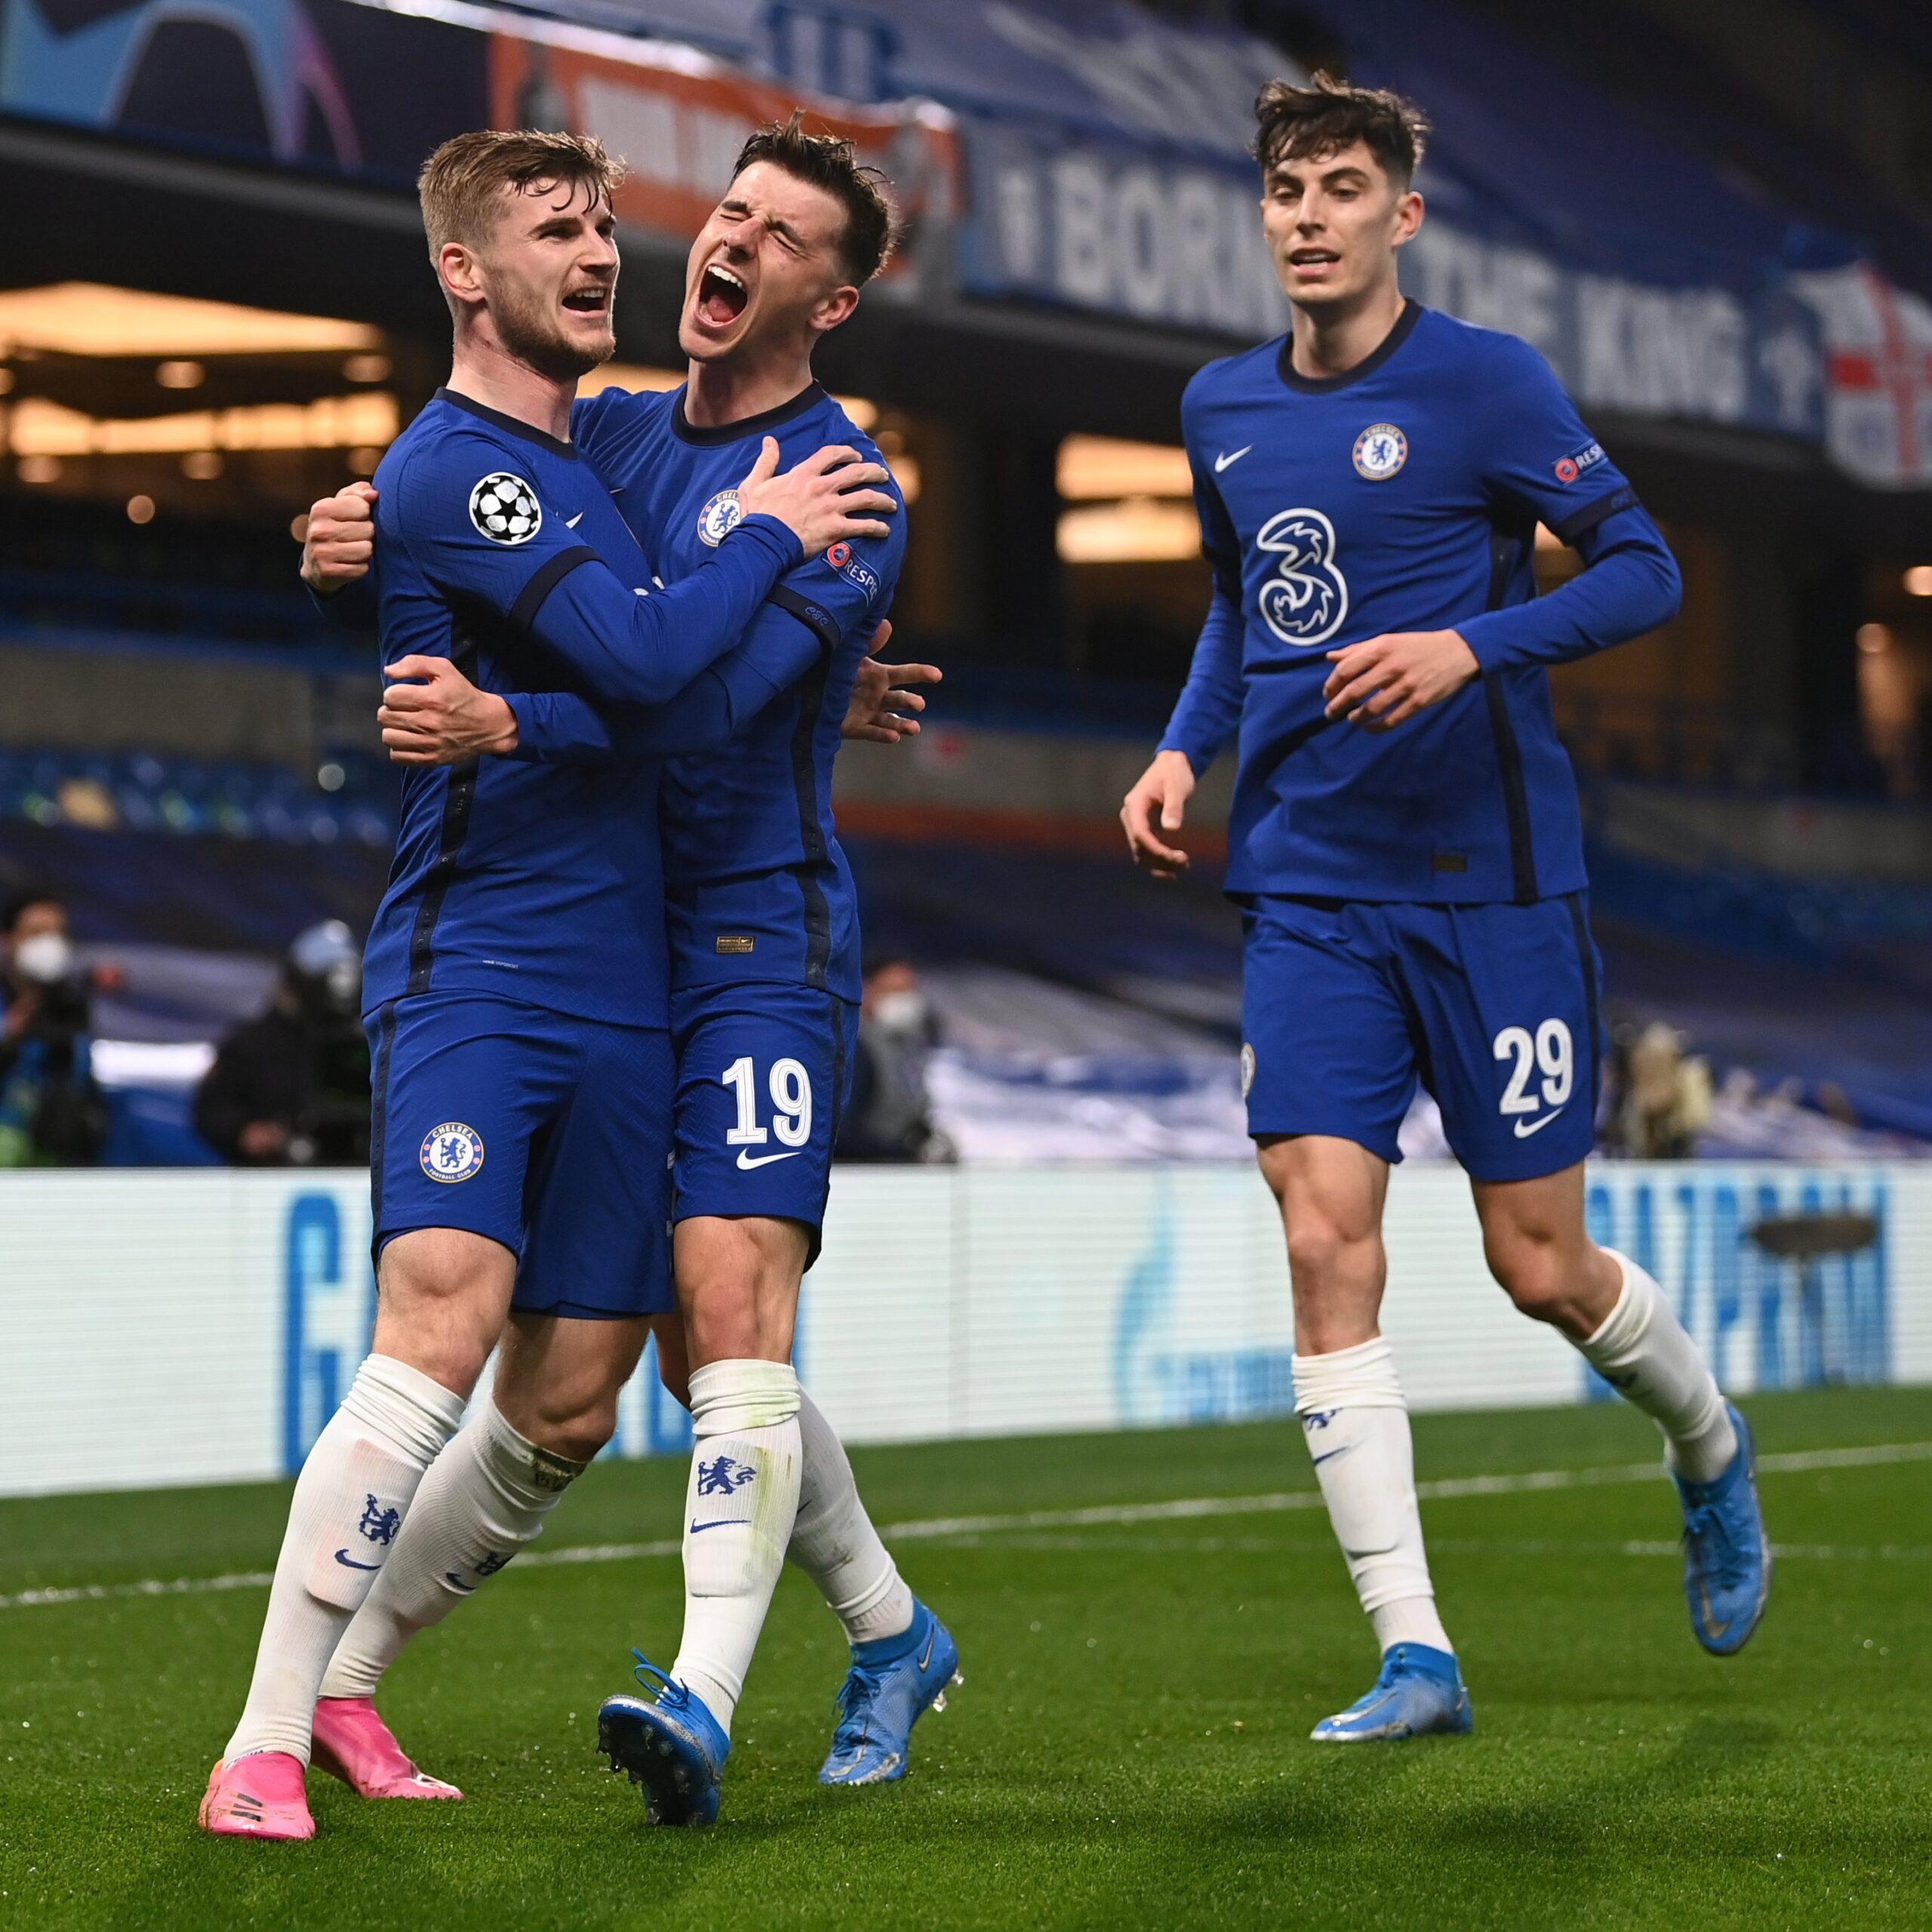 Chelsea vence o Real Madrid e está na final da Liga dos Campeões